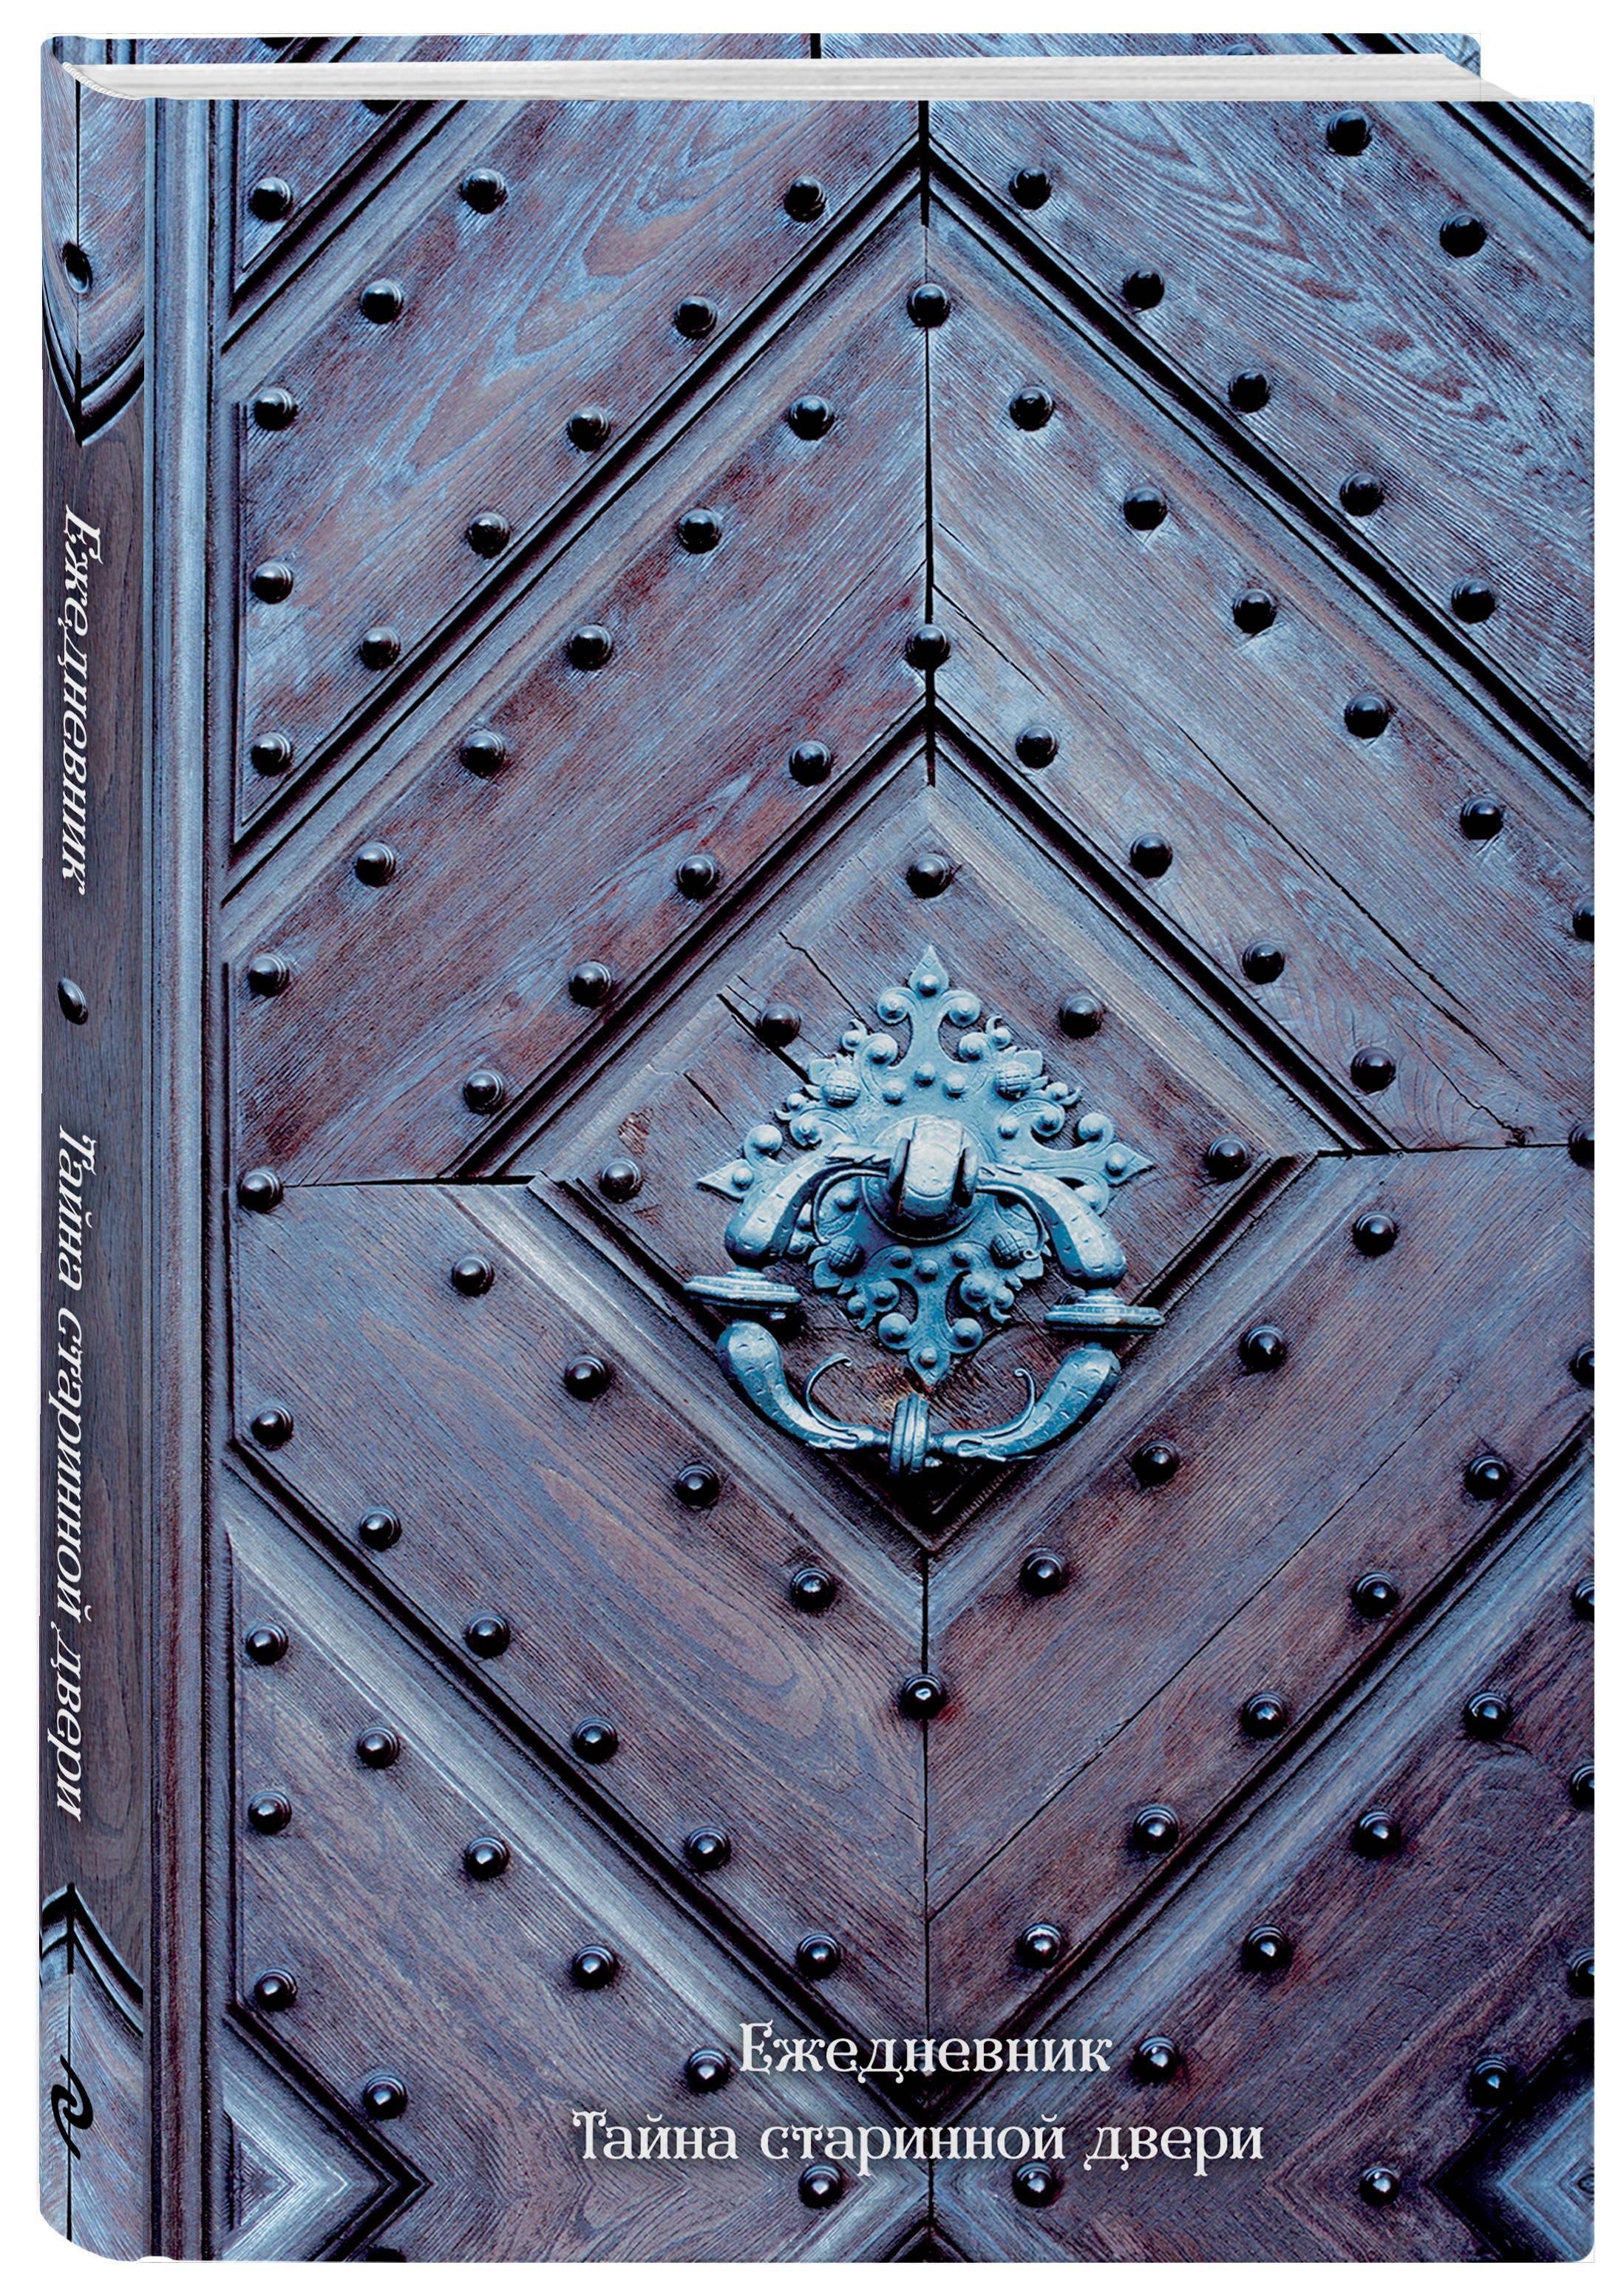 Ежедневник. Тайна старинной двери (оф. 2). А5, твердый переплет с ляссе, 224 стр.